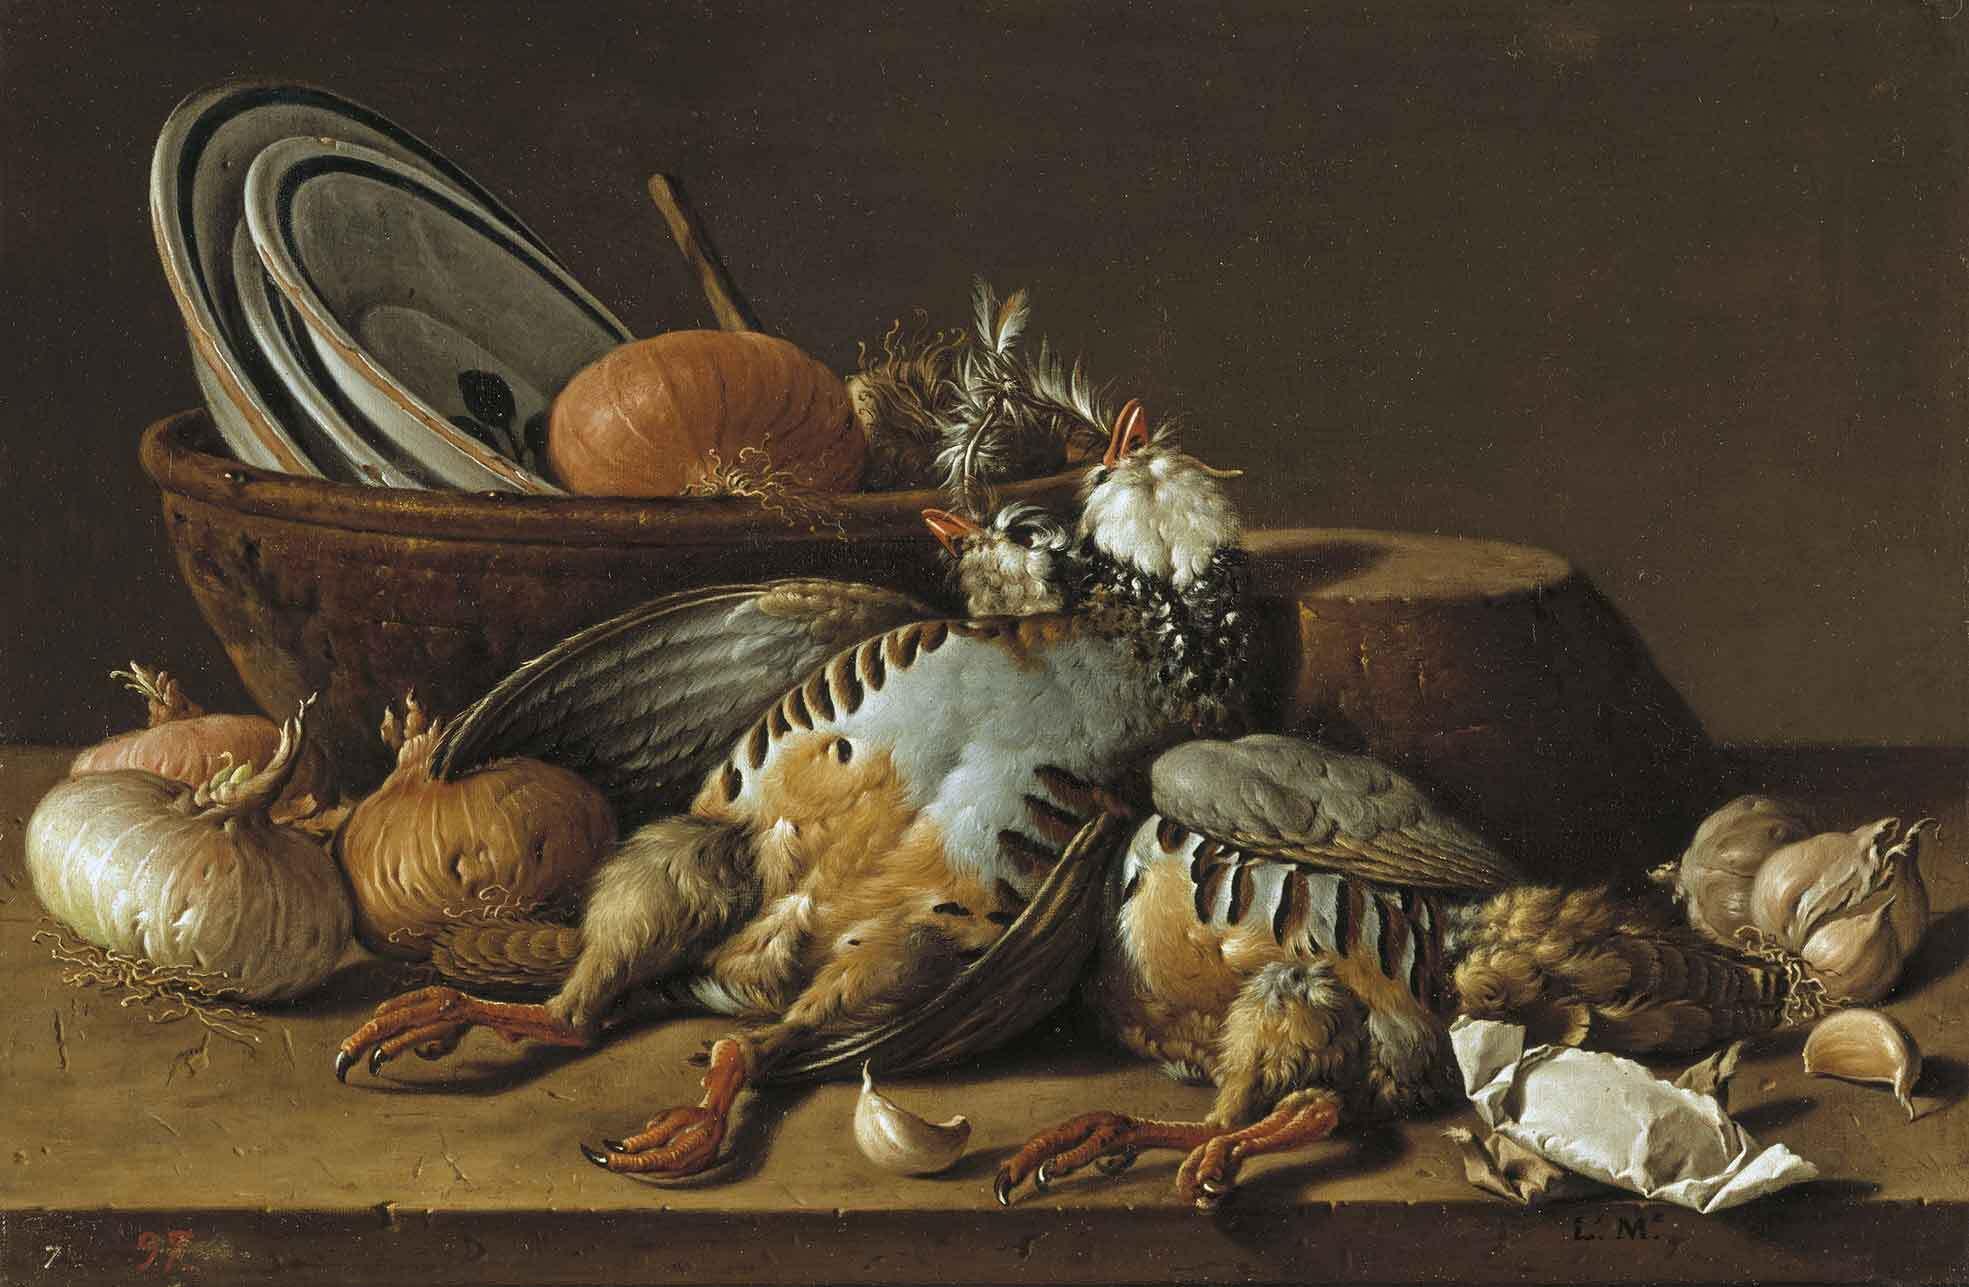 Bodegón con perdices, cebollas, ajos y recipientes, de Luis Egidio Meléndez